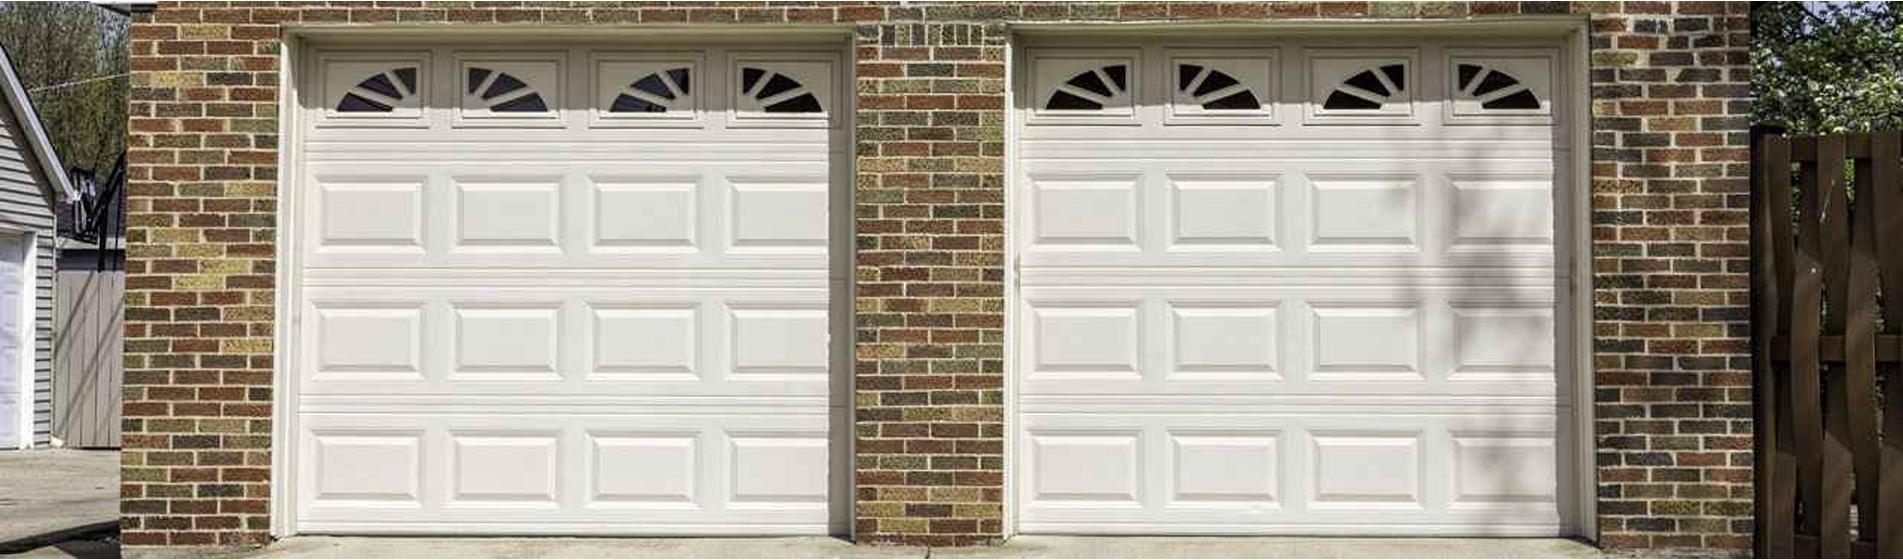 acheter porte de garage avec portillon Avignon